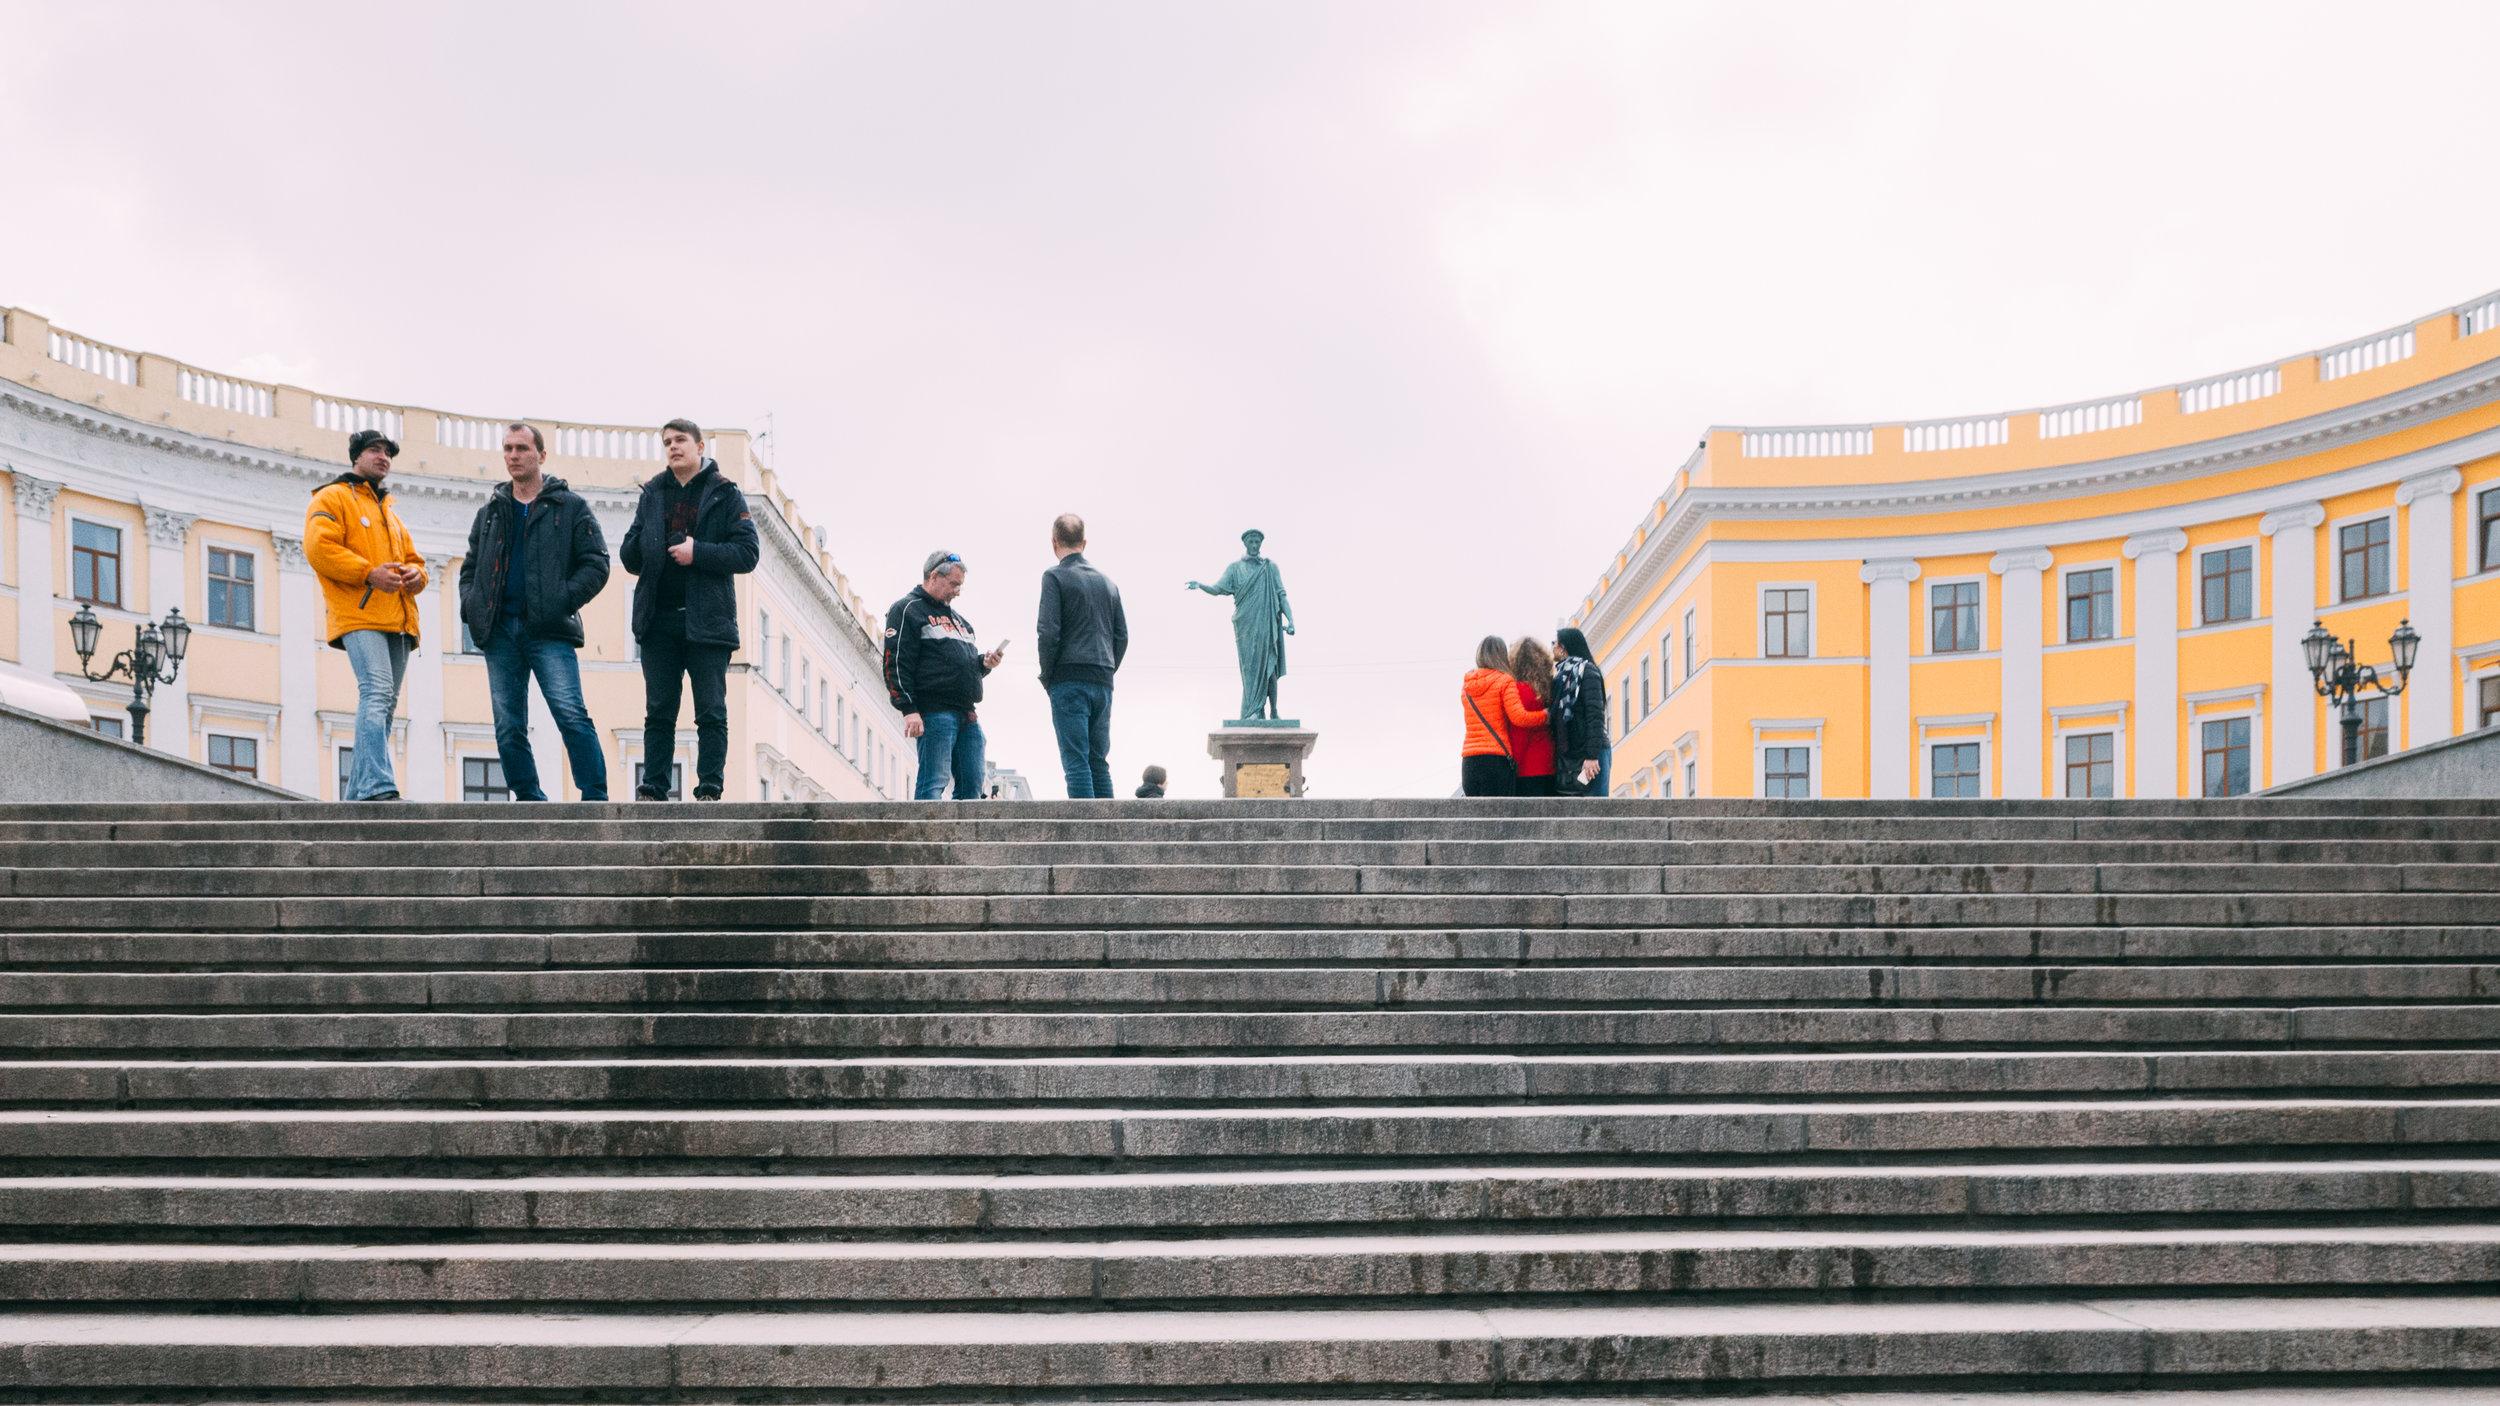 Σκάλες Ποτέμκιν, το άγαλμα του Ρισελιέ